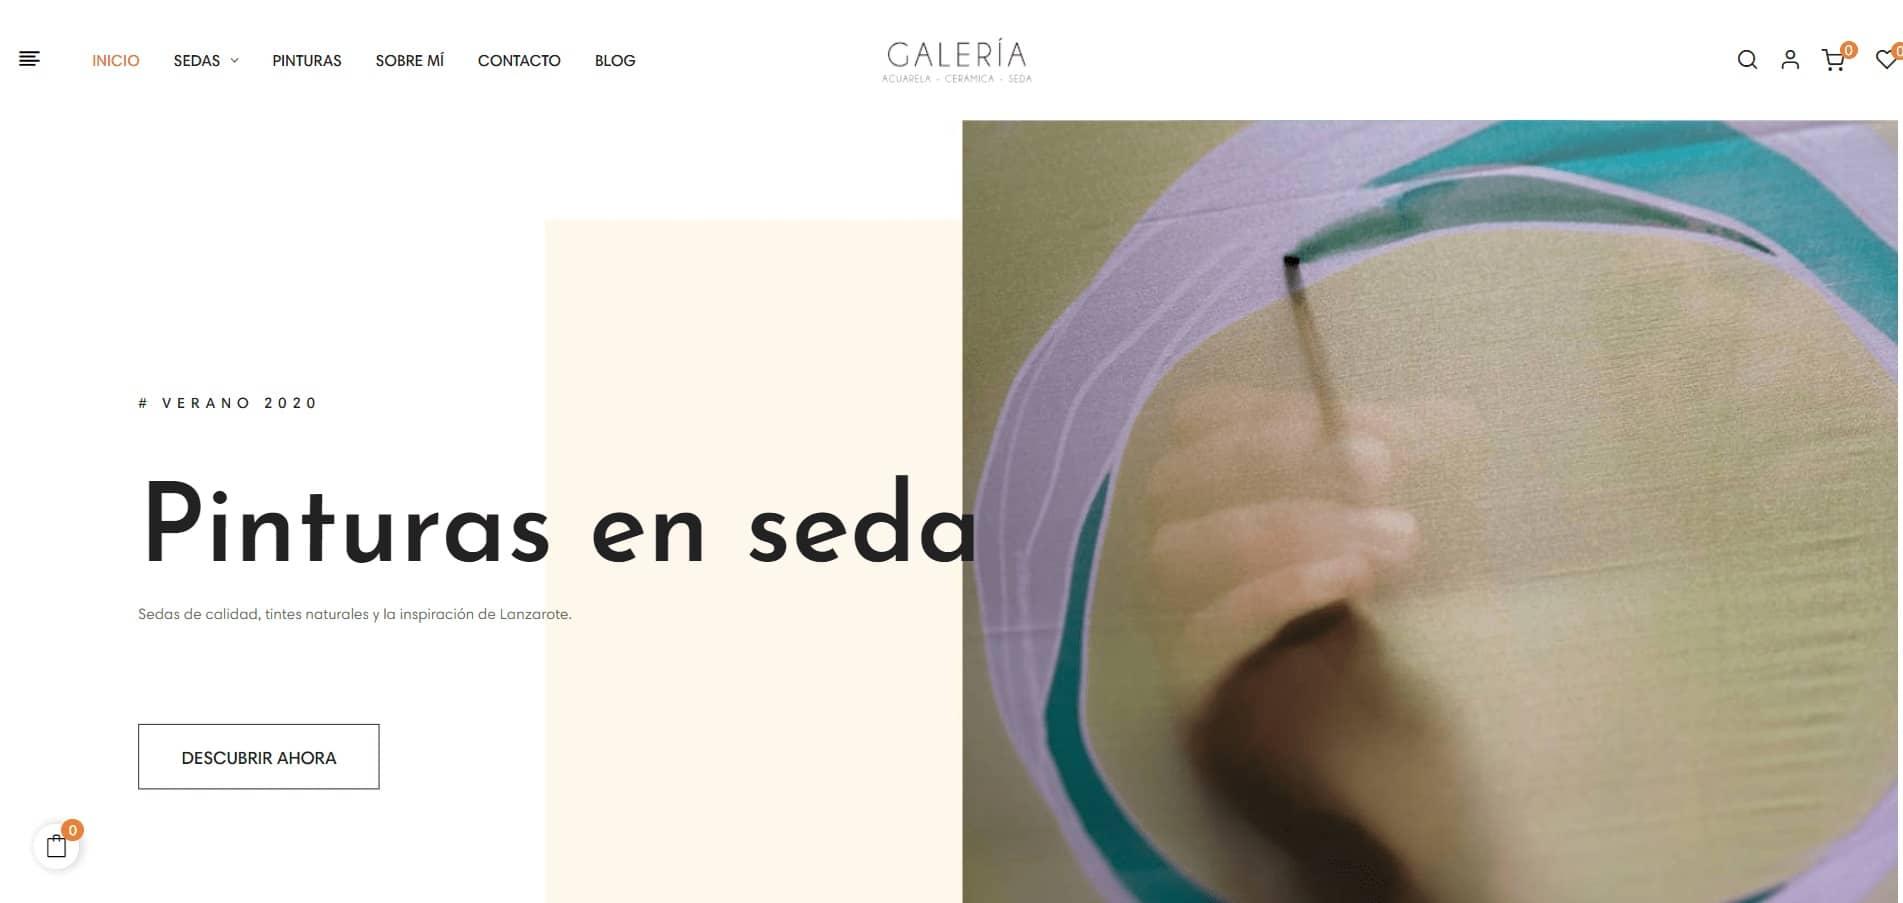 Tienda online de artsesania en Lanzarote